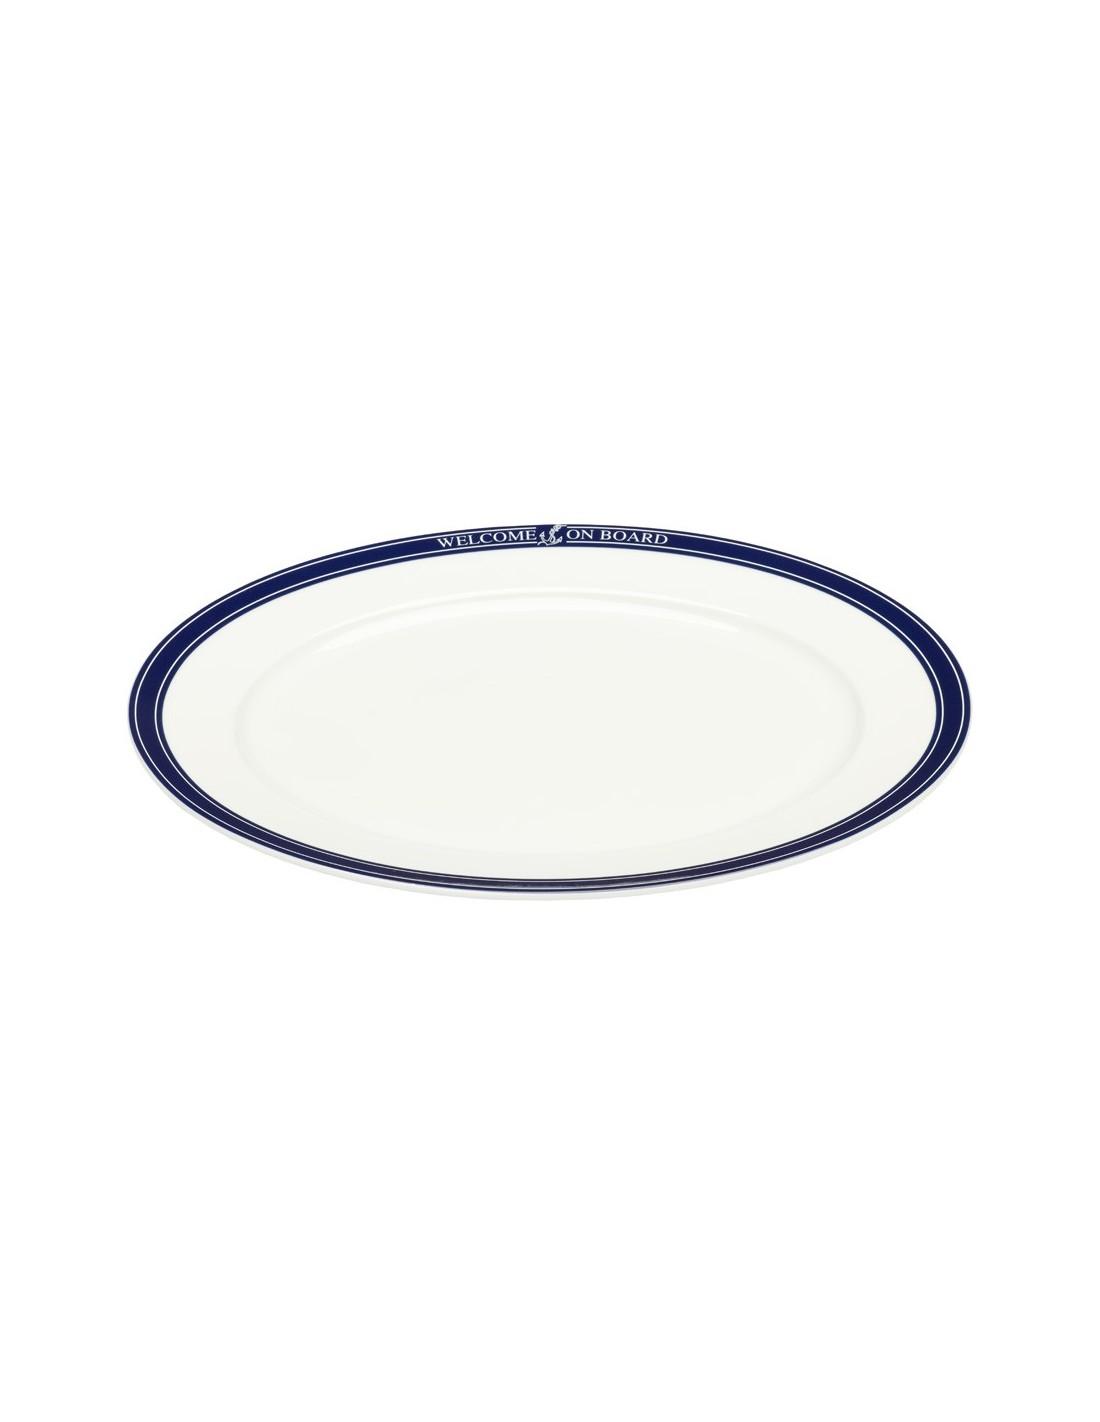 Vleesschaal - Ovaal - 32 cm - Welcome On Board - Scheepsserviesgoed - 10019815